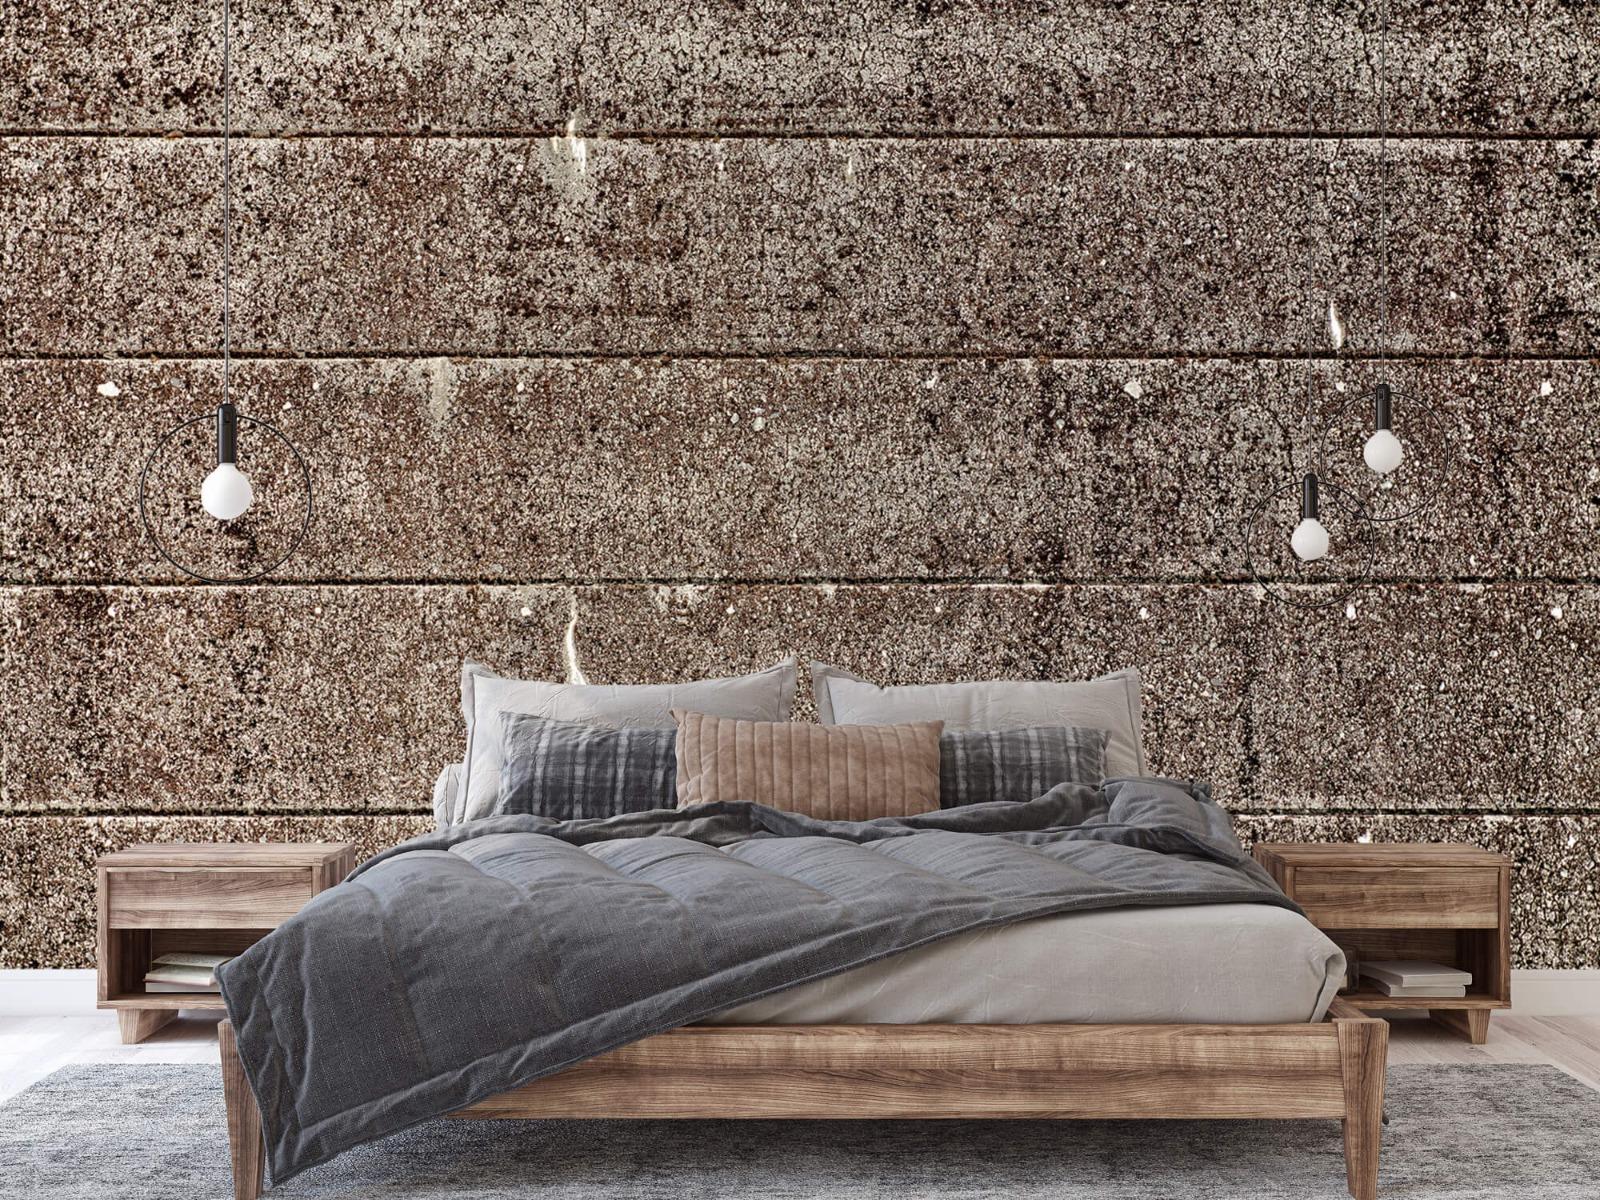 Steen behang - Oude betonnen damwand - Tienerkamer 3